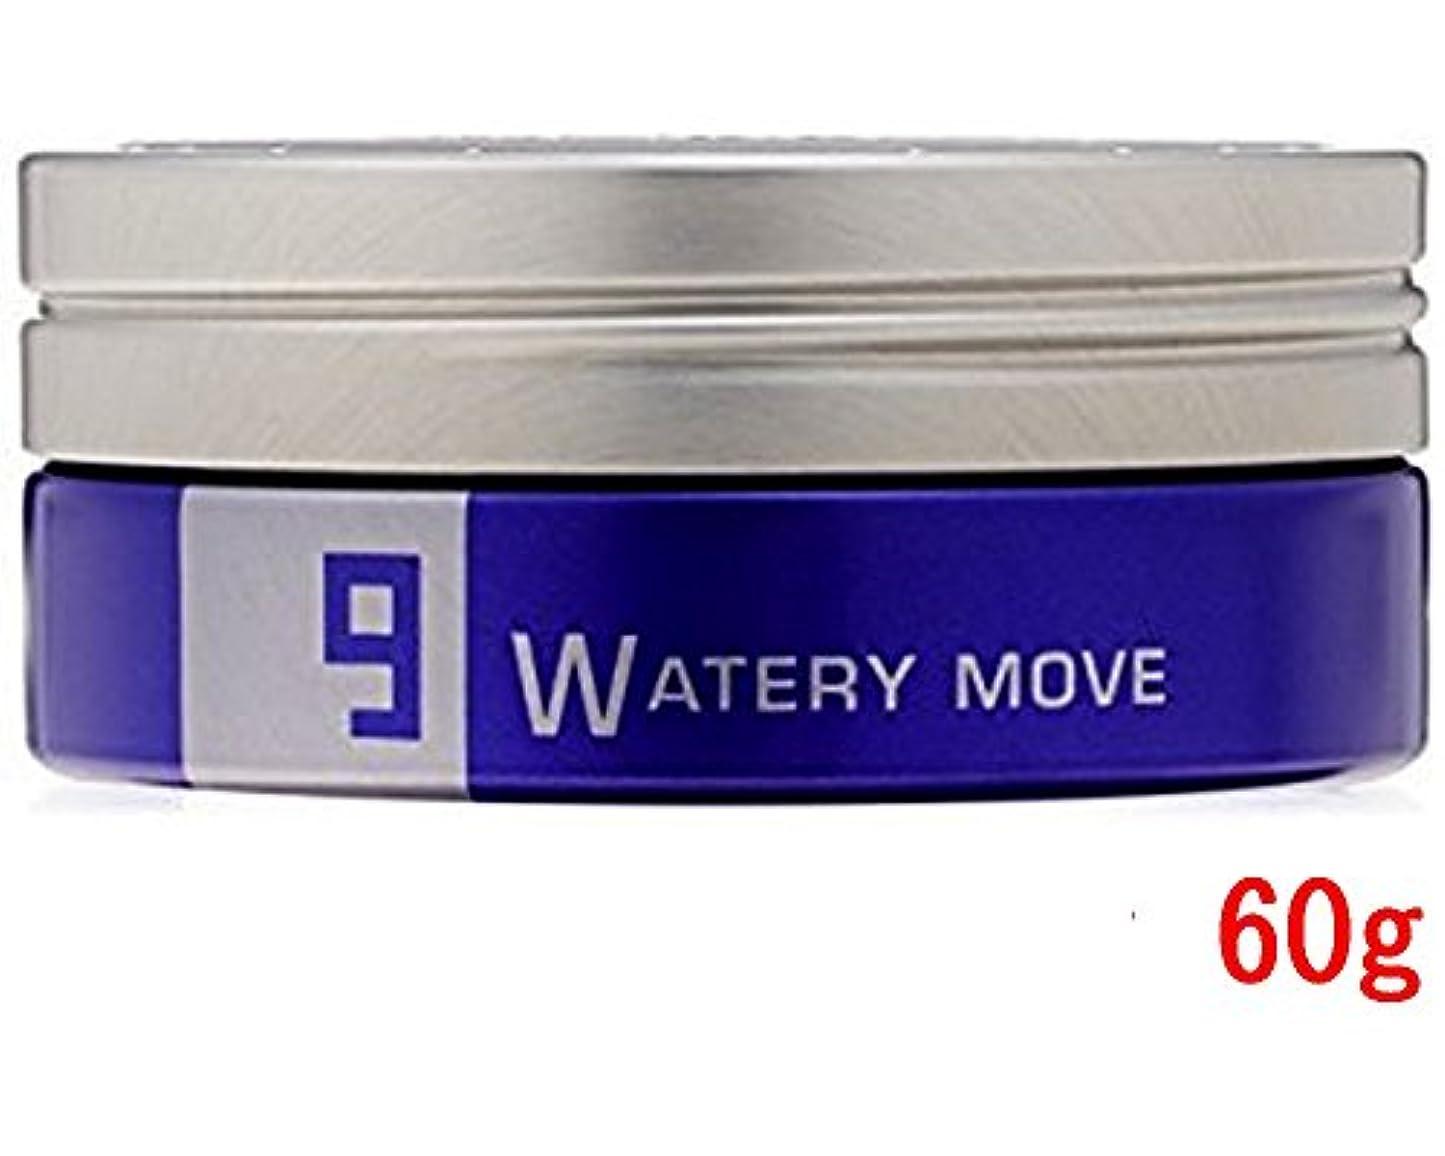 気を散らすカテゴリーボートルベル トリエオムワックスウォータリームーブ9 60g